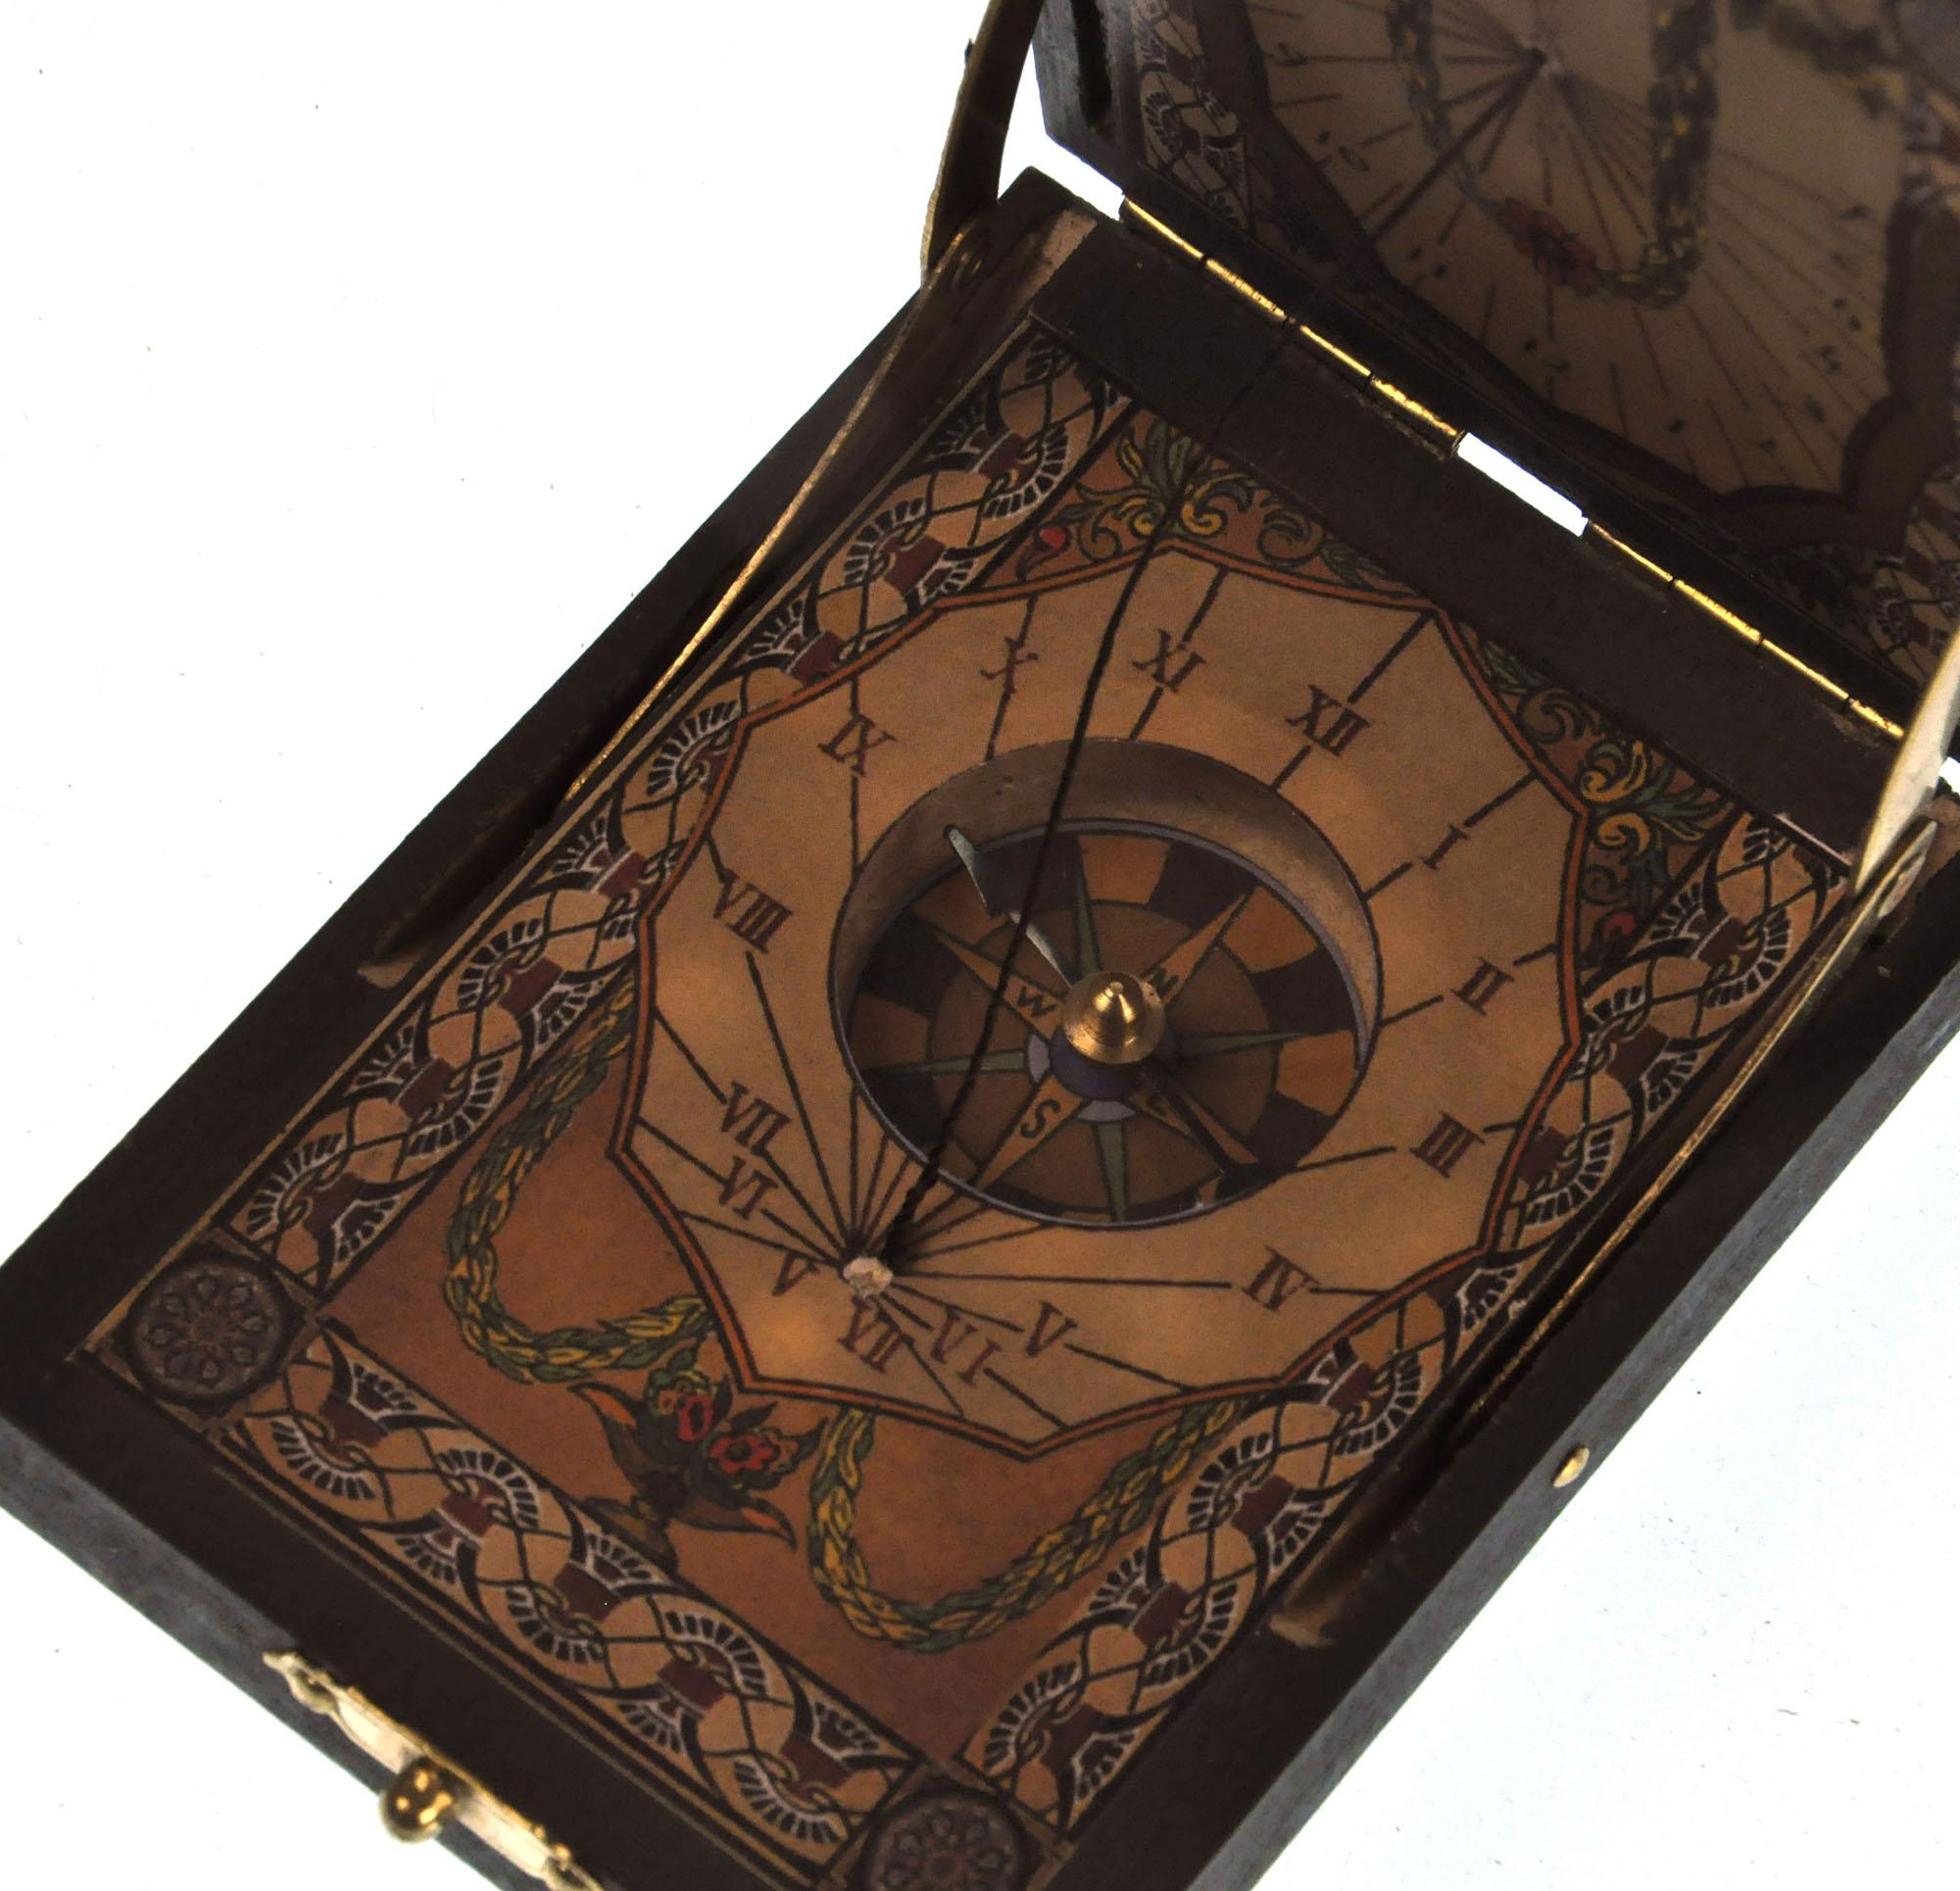 Pocket Sundial Compass Antique Scientific Instrument